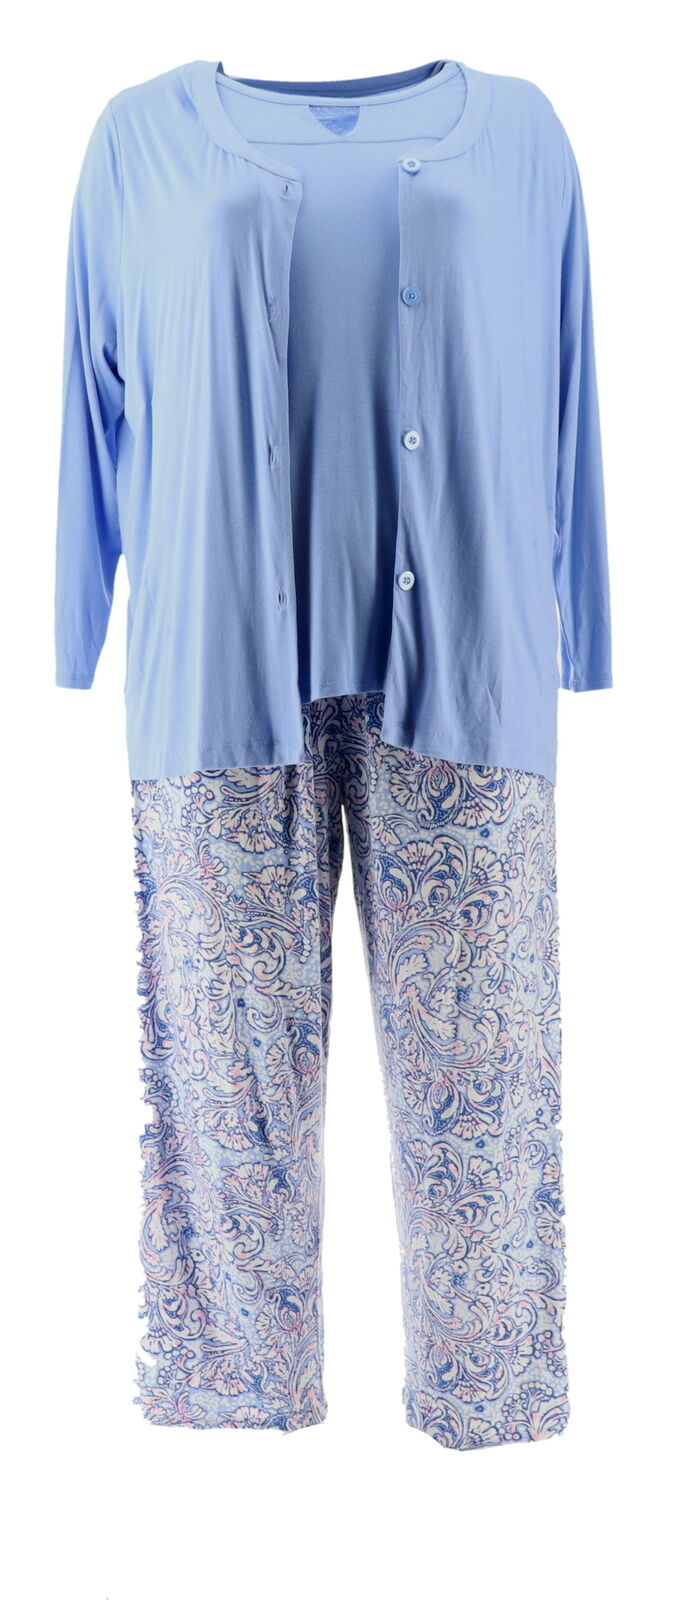 Carole Hochman Batik Floral Rayon Spandex 3 Pc Pajama Set Peri 2X NEW A346781